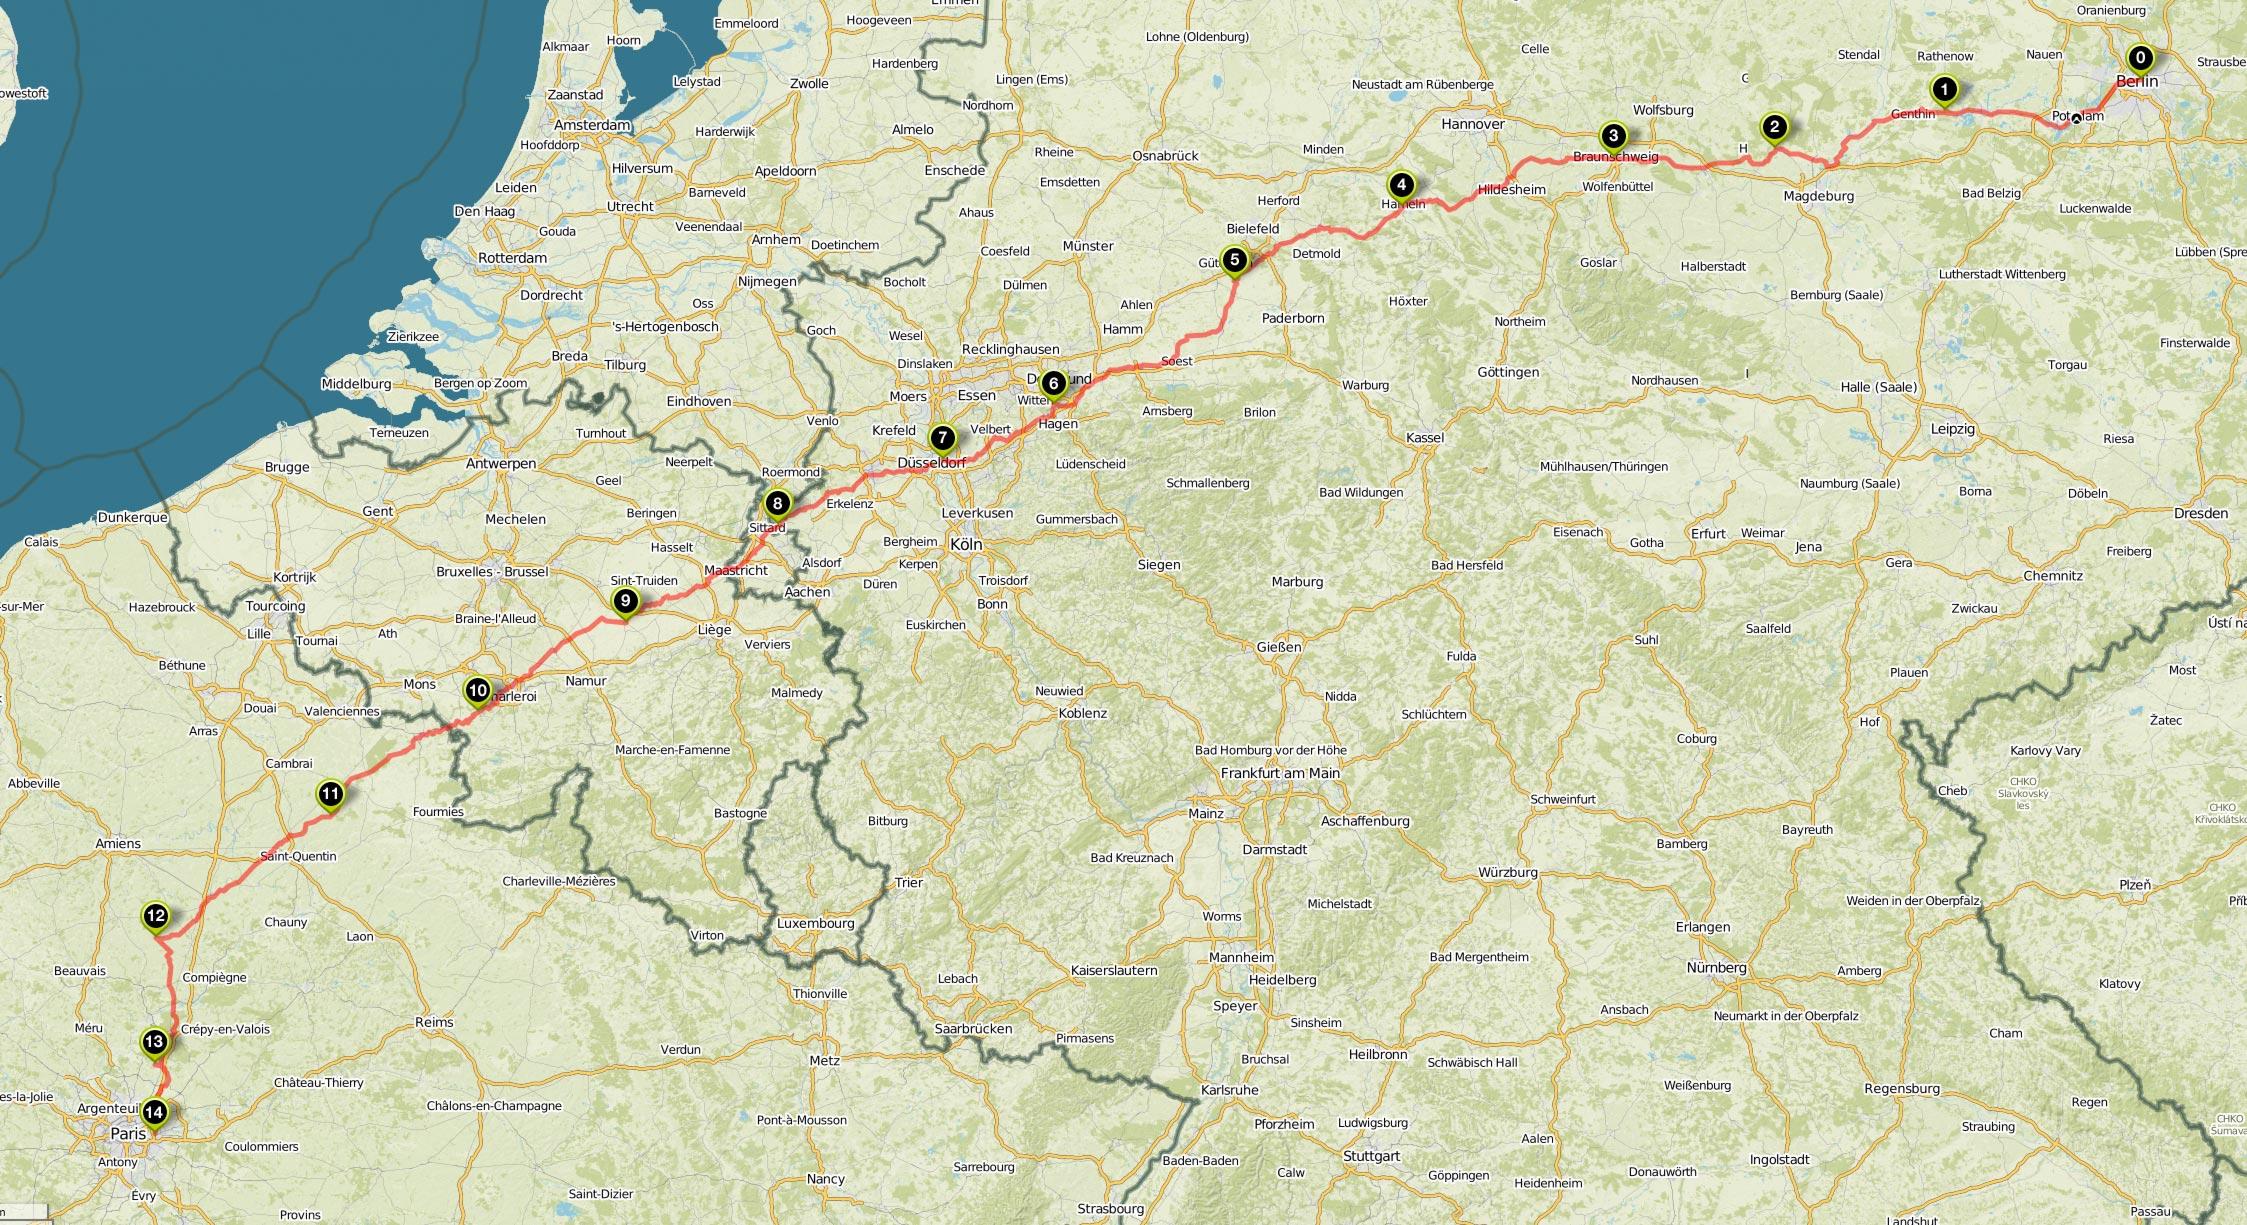 Vom Fernseherturm zum Eiffelturm - Mit dem Fahrrad von Berlin nach paris